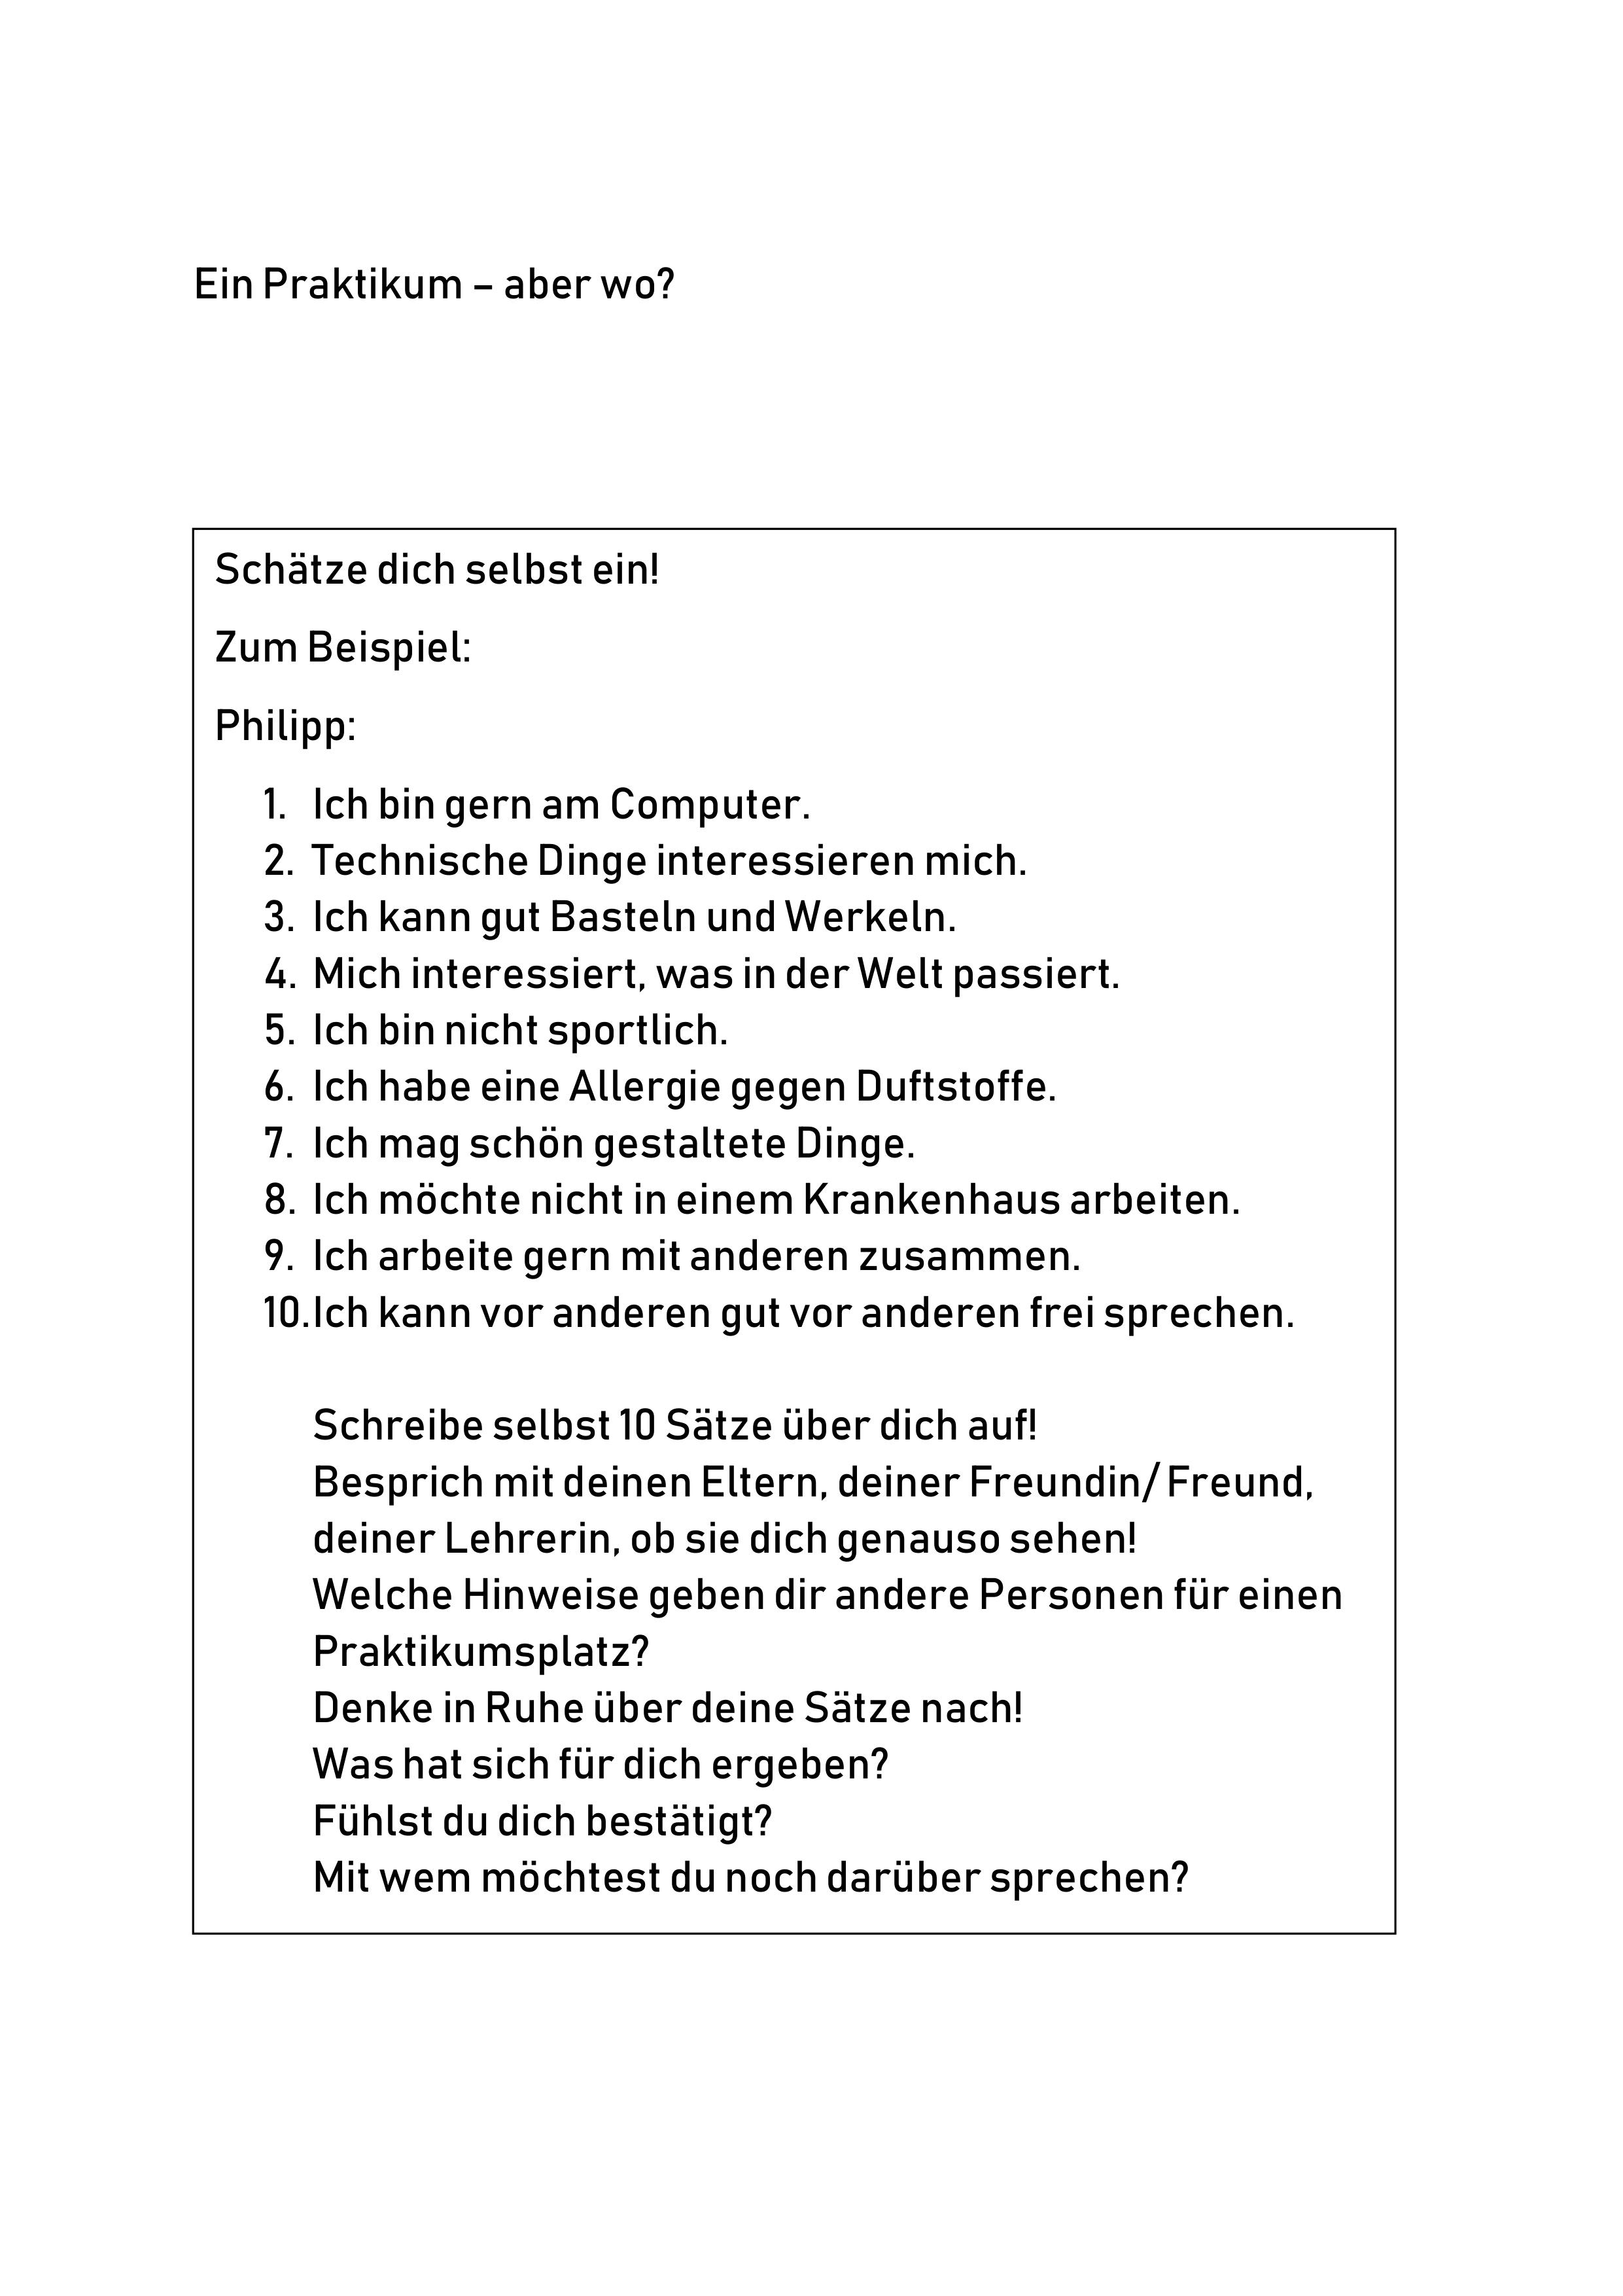 Bewerbung Um Einen Praktikumsplatz Leichte Sprache Unterrichtsmaterial In Den Fachern Arbeitslehre Deutsch Leichte Sprache Deutsch Unterricht Bewerbung